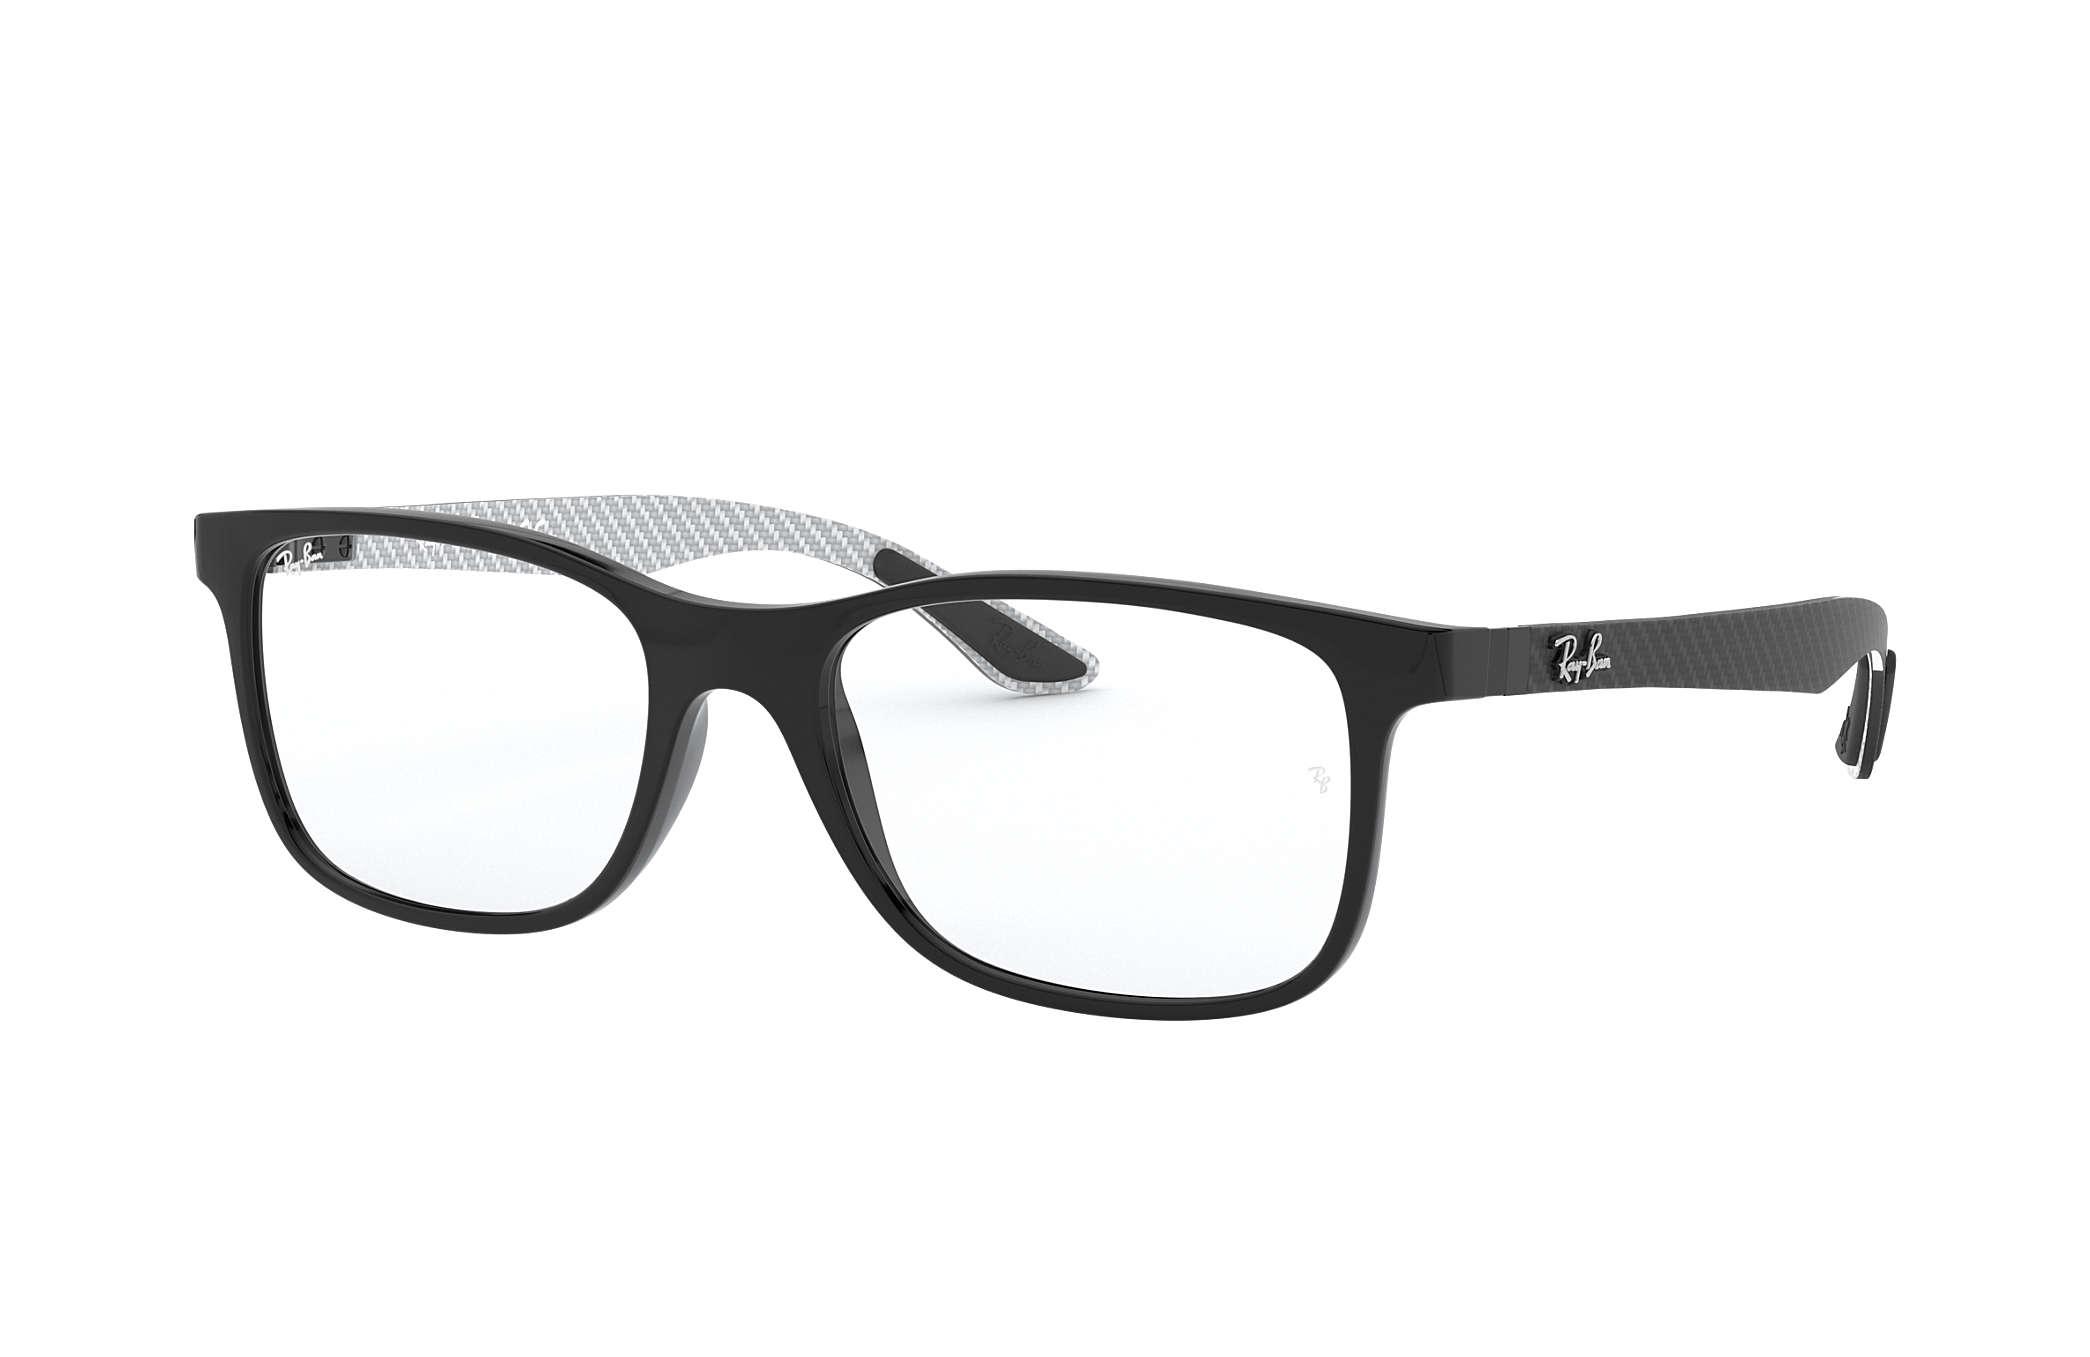 9758f29c0b Ray-Ban eyeglasses RB8903 Black - Carbon Fibre - 0RX8903568153